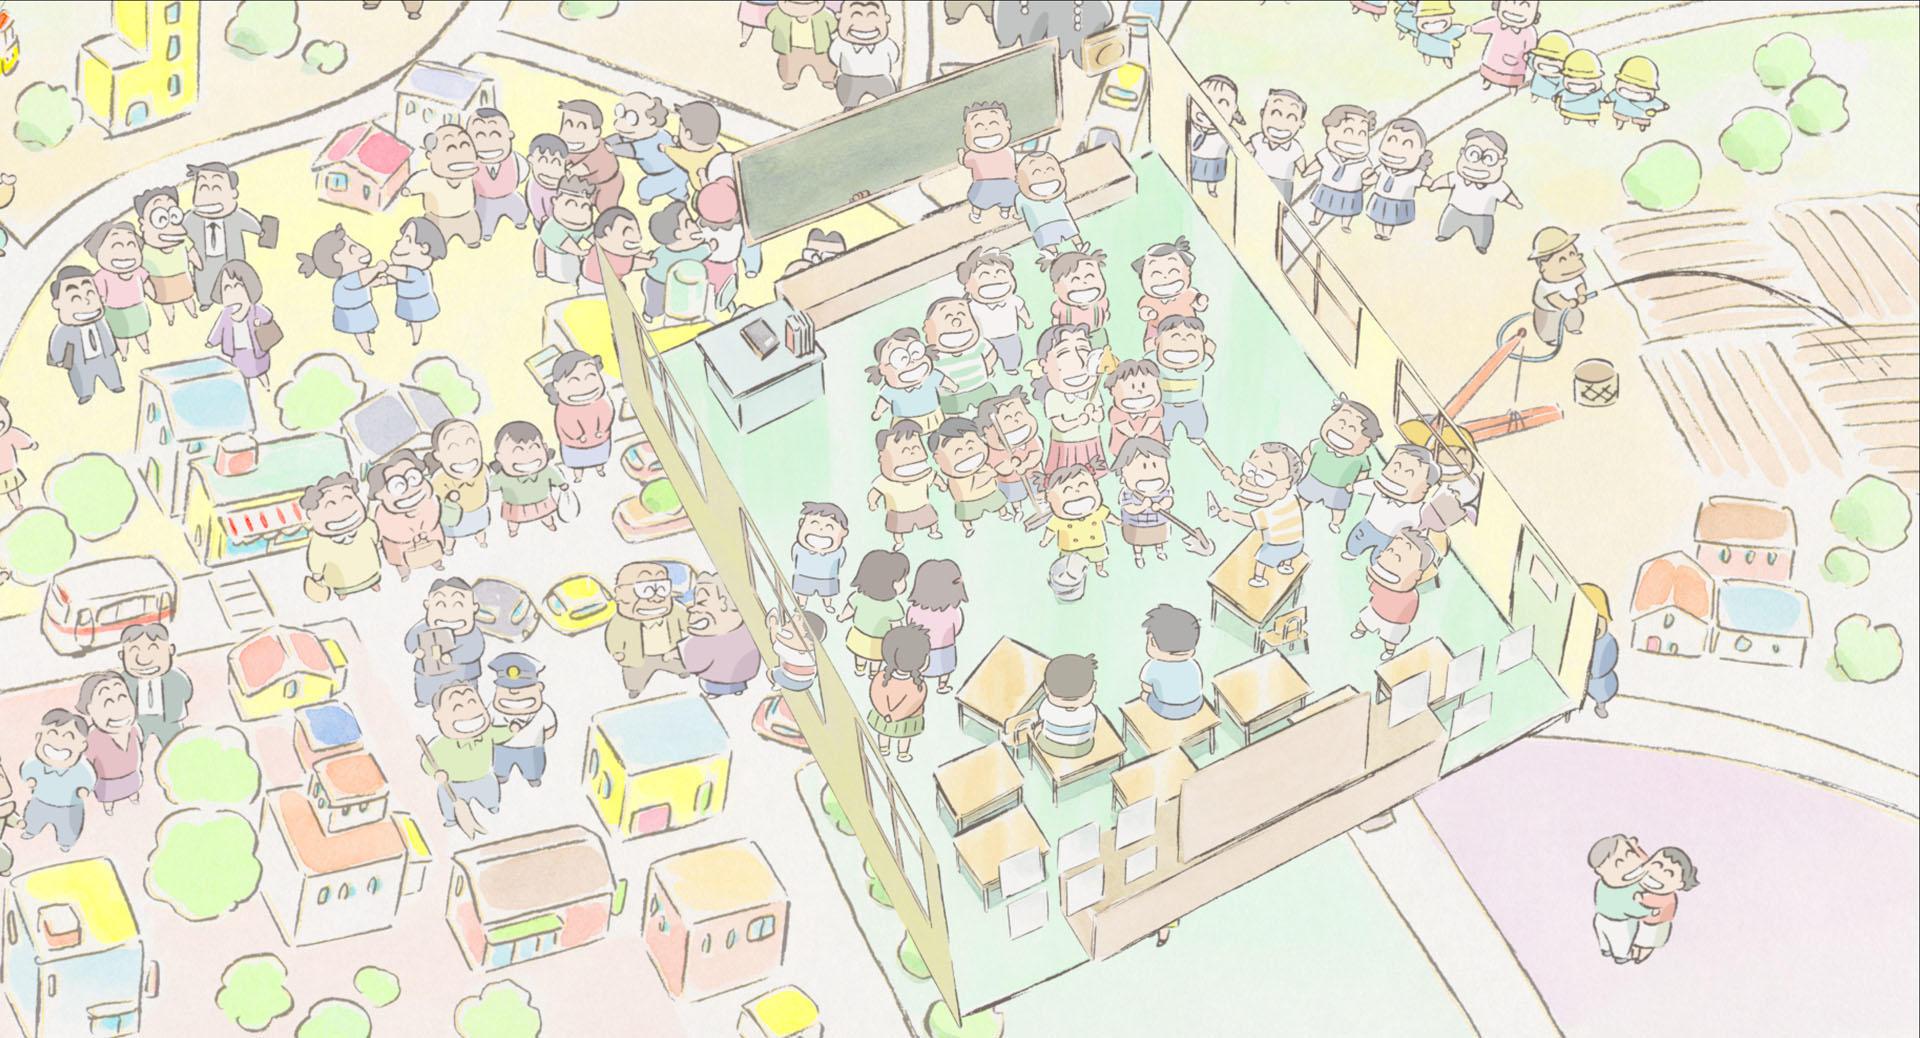 【#映画館】Twitter トレンド まとめ 話題ツイート! #ジブリで学ぶ映画館  鬼滅の刃映画で涙っ!にんげ